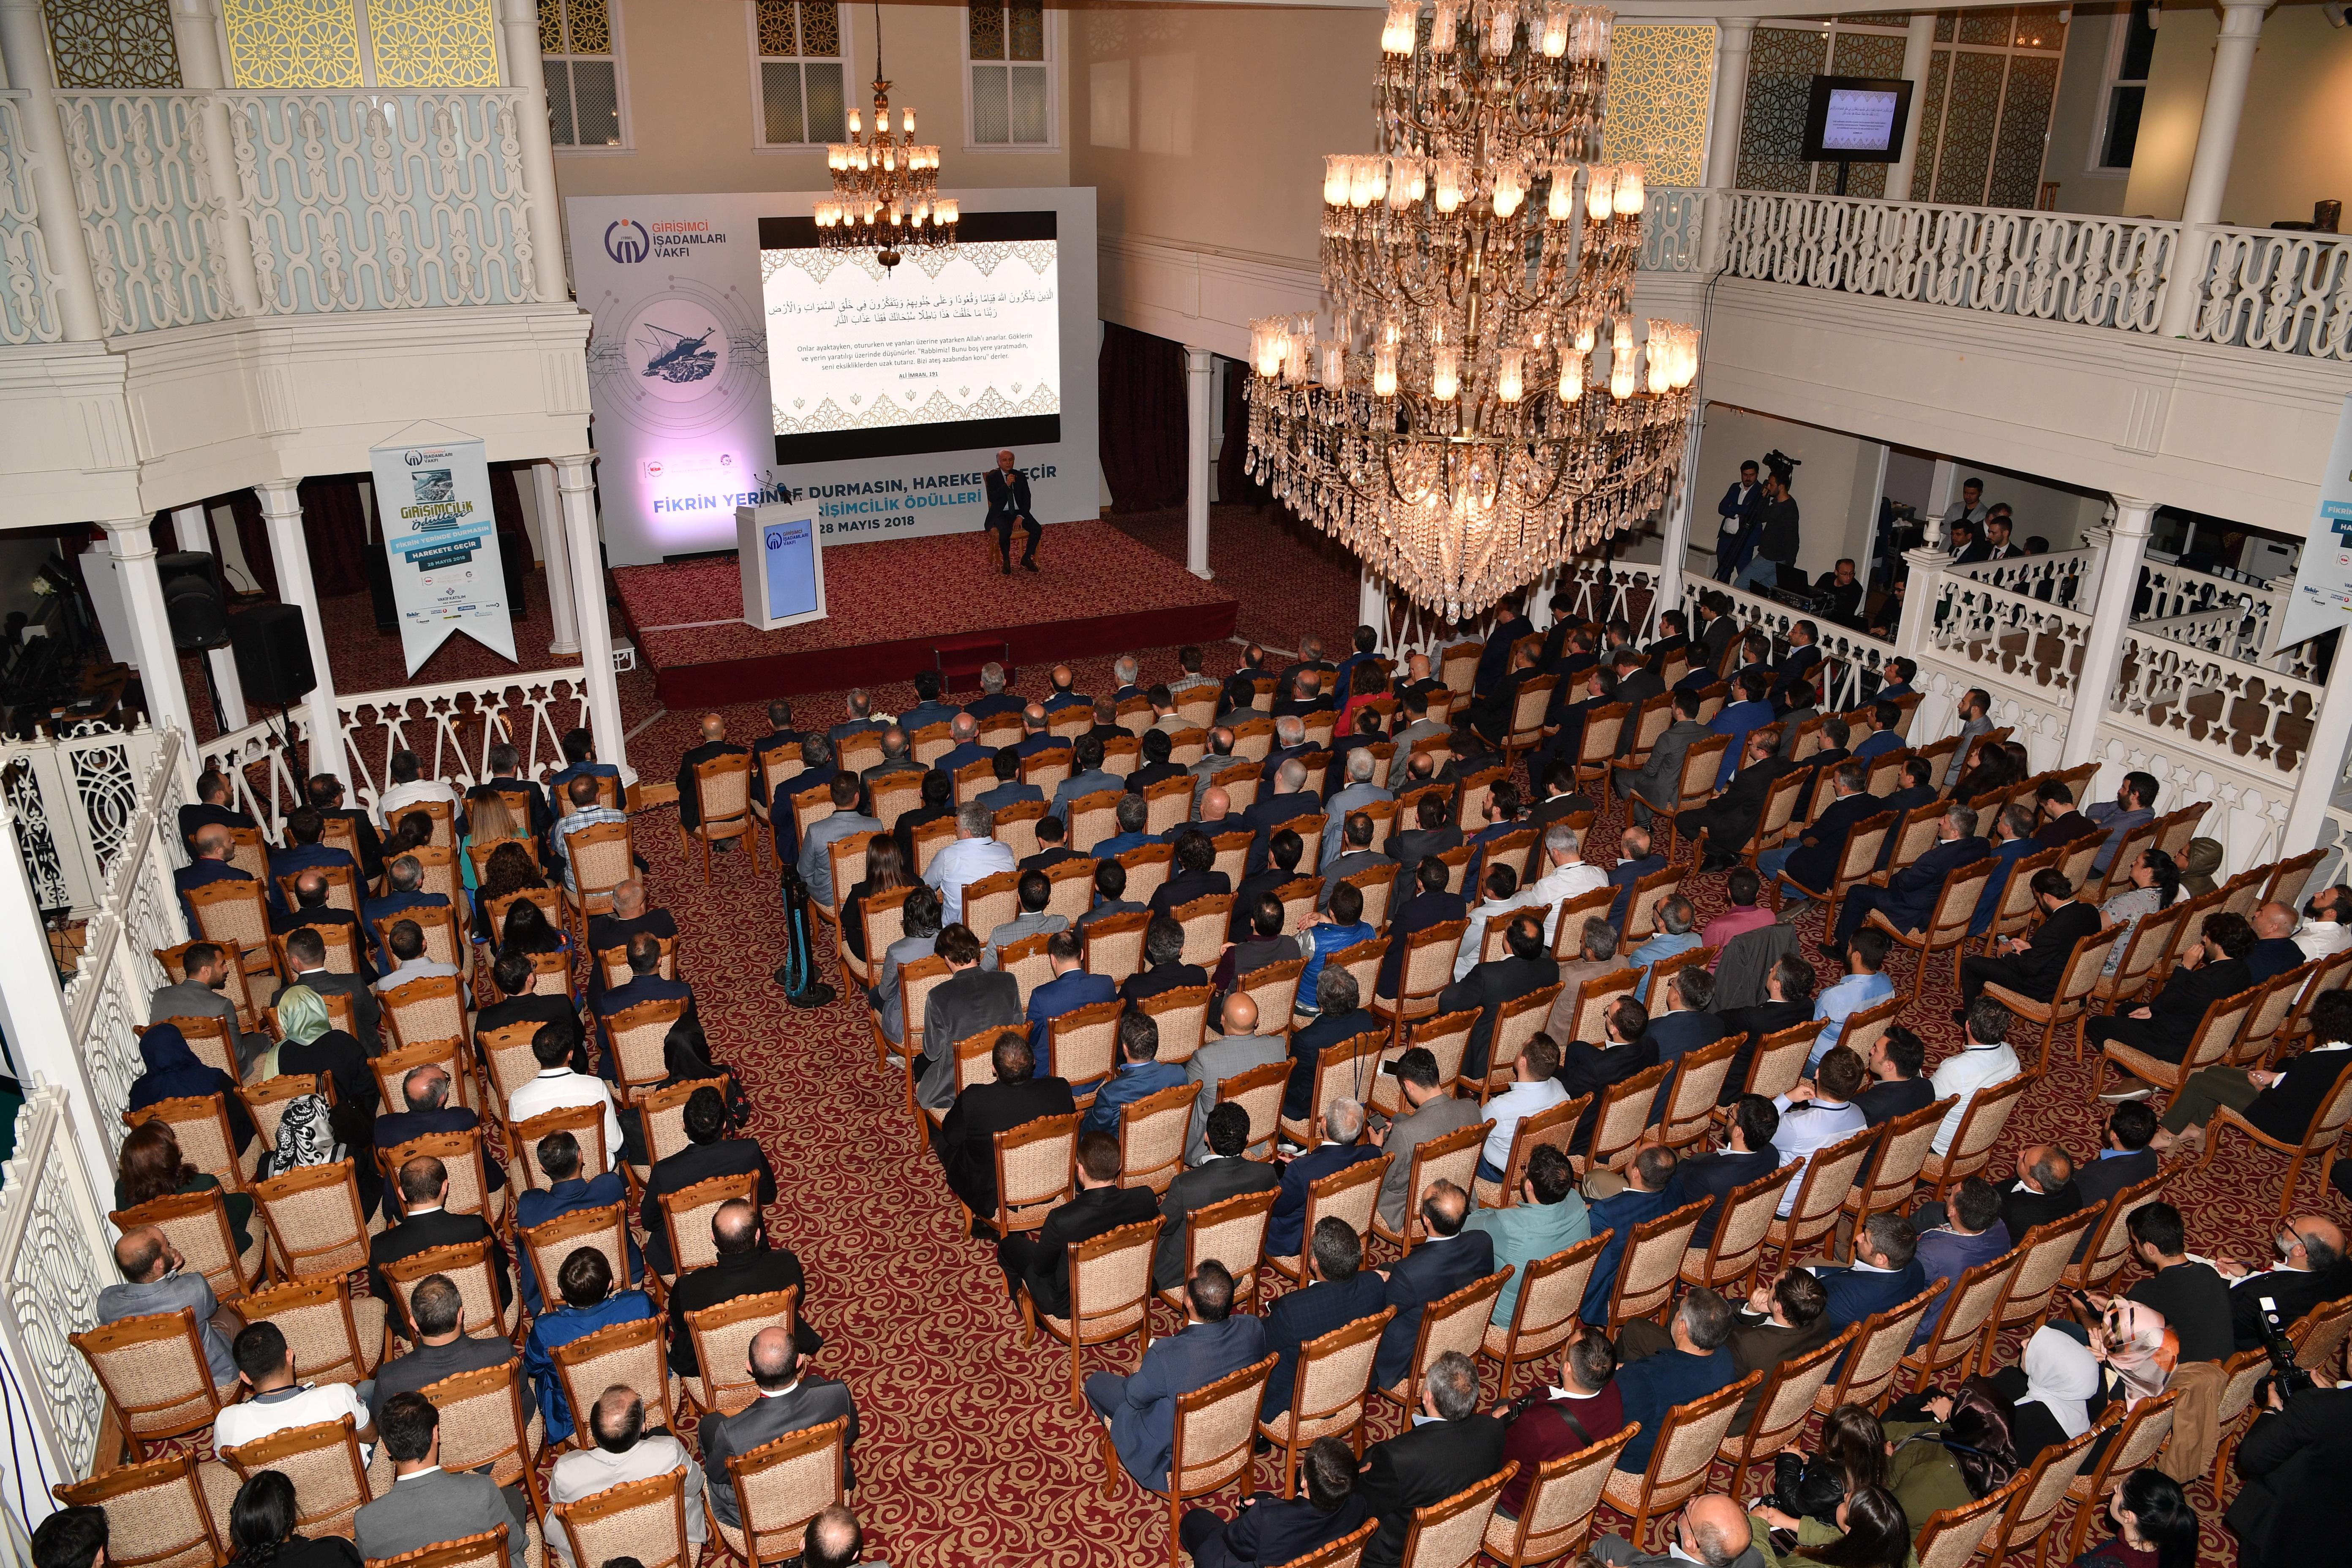 GİV 6. Girişimcilik Ödülleri Kuran ve Kapanış